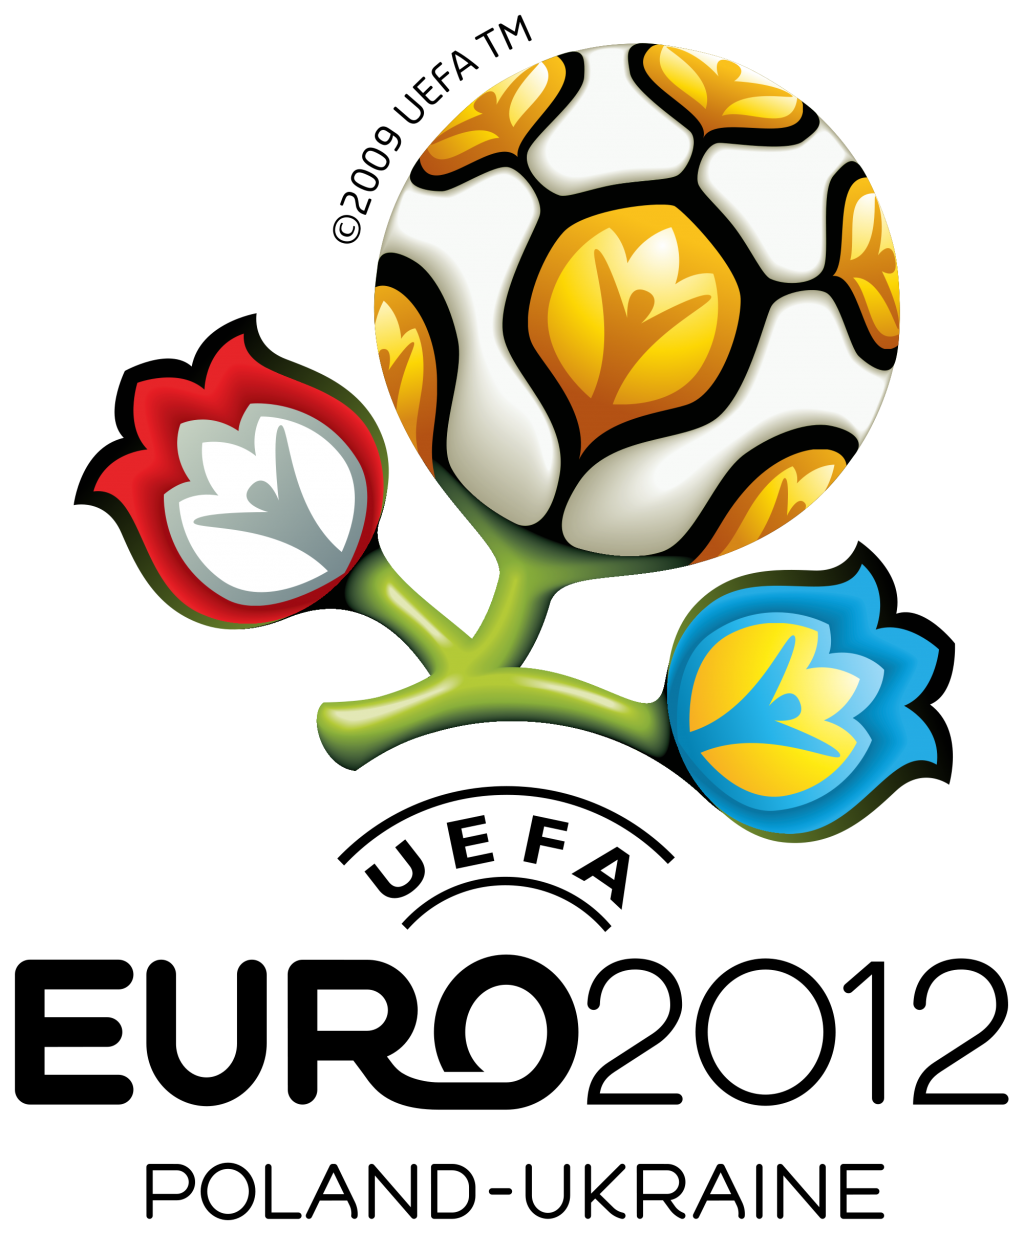 Html код позволяет встроить логотип uefa